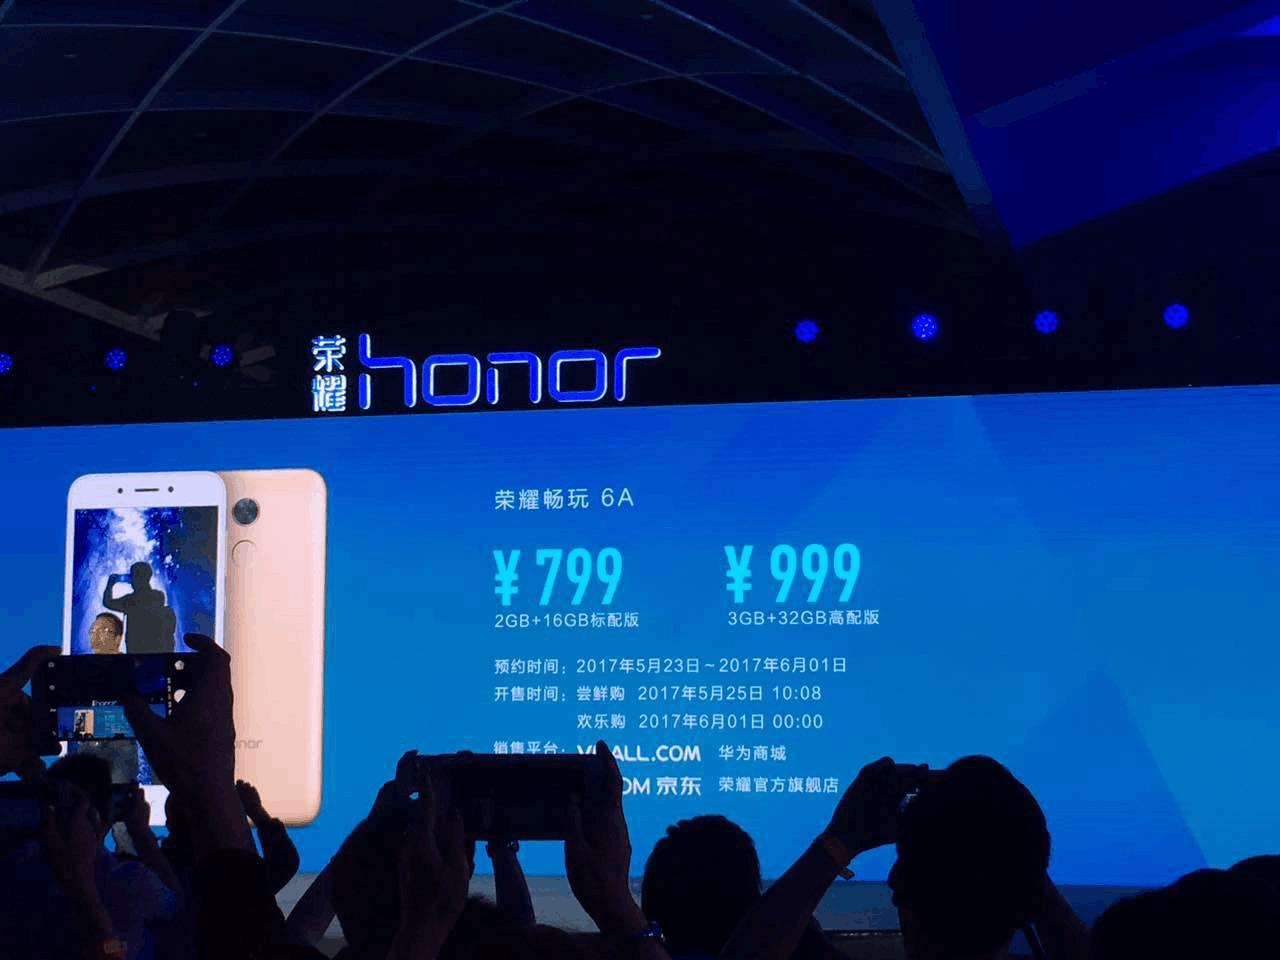 赵明:荣耀营销成本是所有互联网品牌中最低的